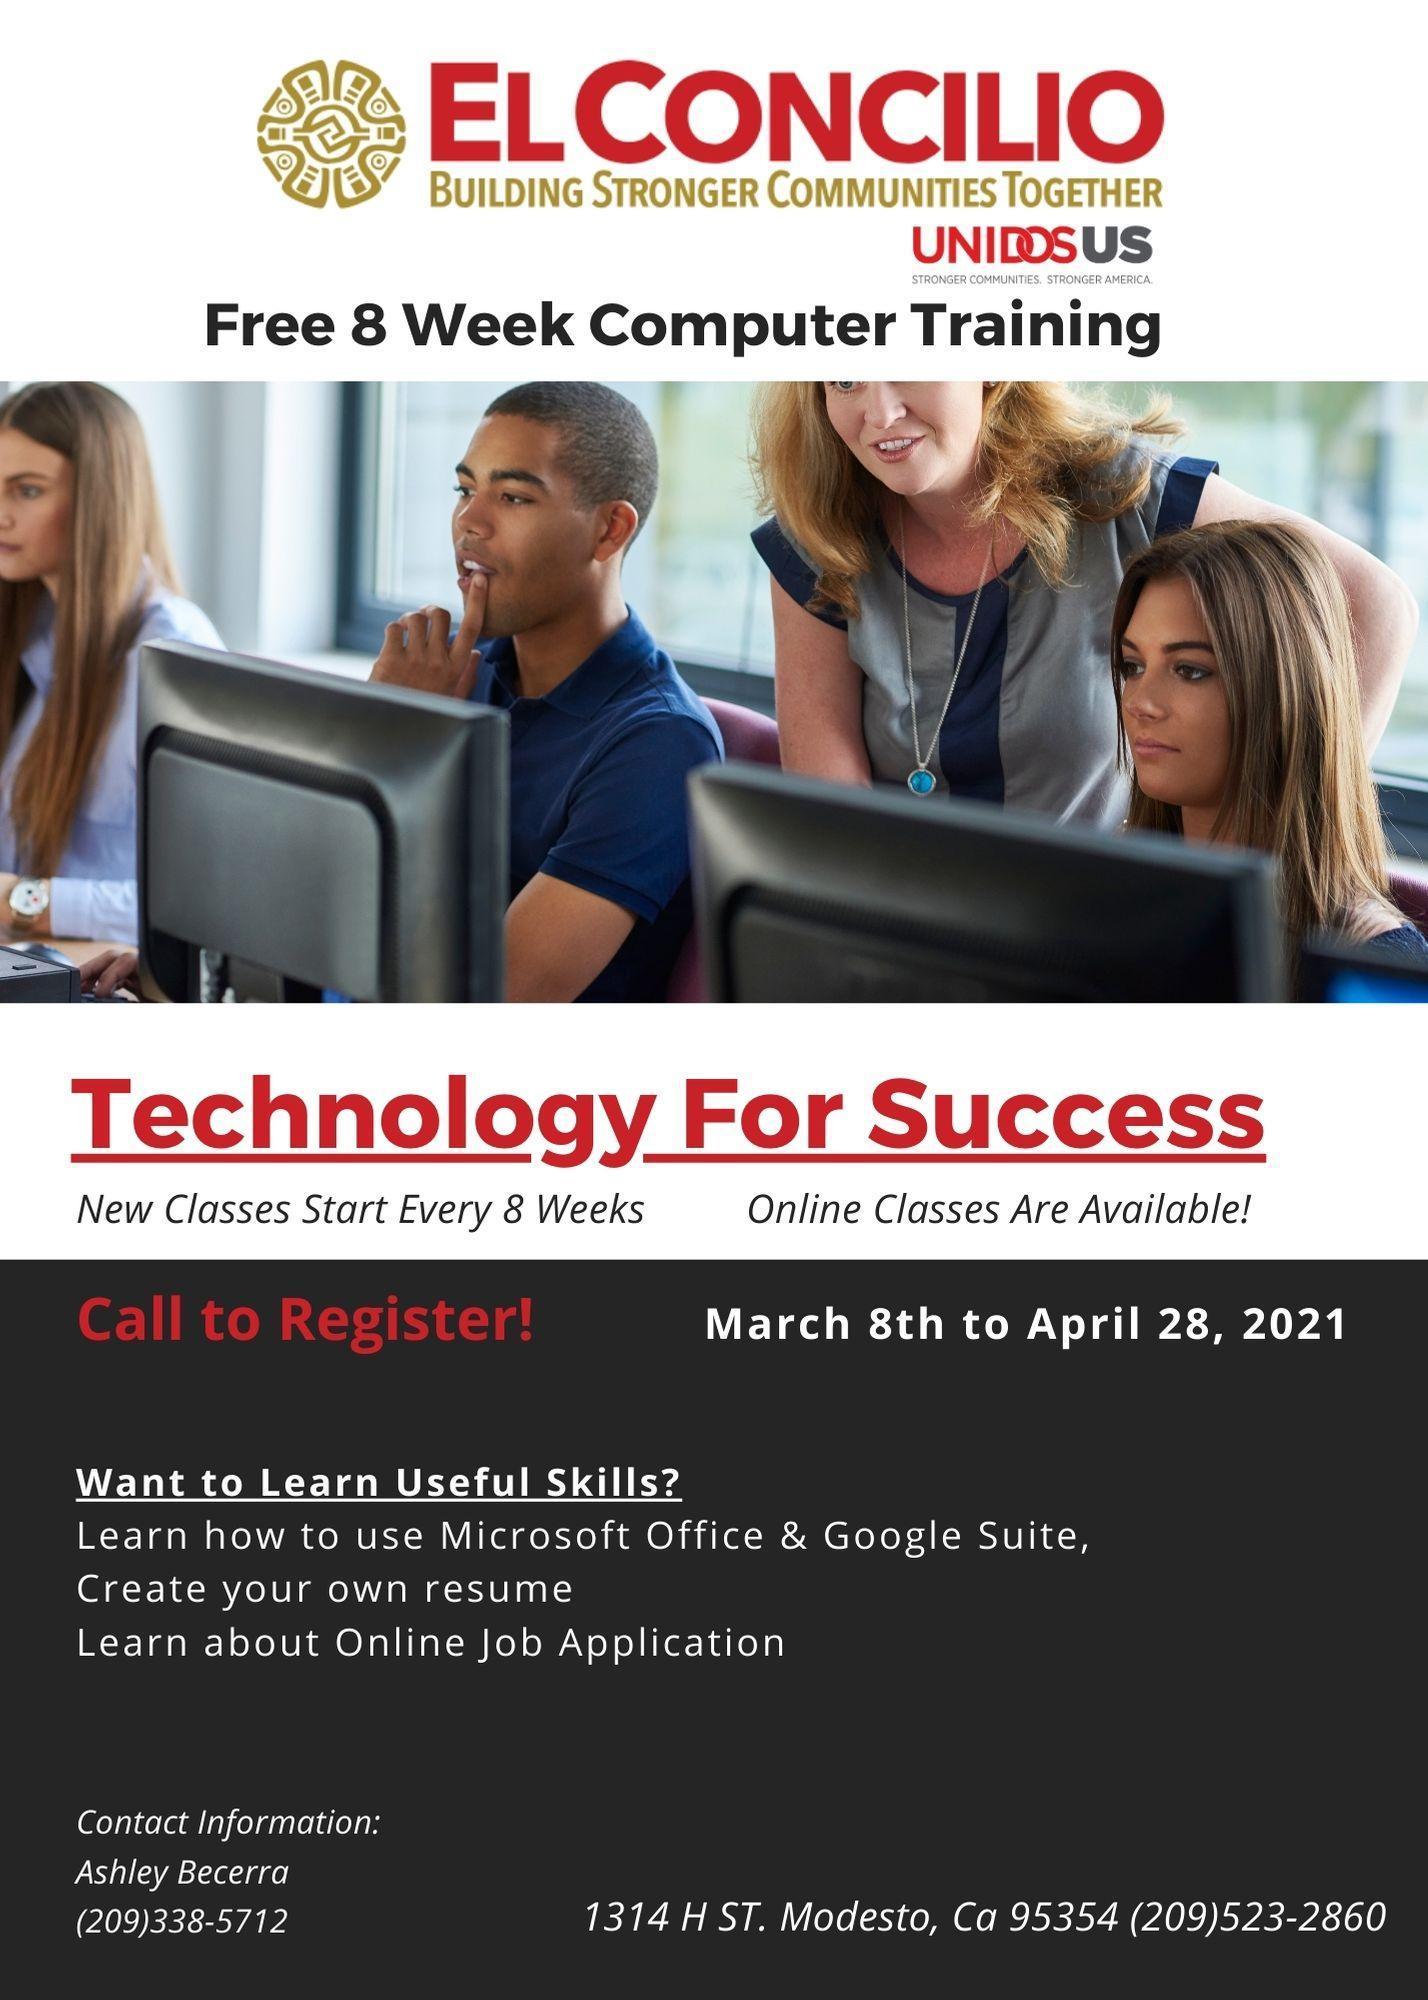 Free 8 Week Computer Training